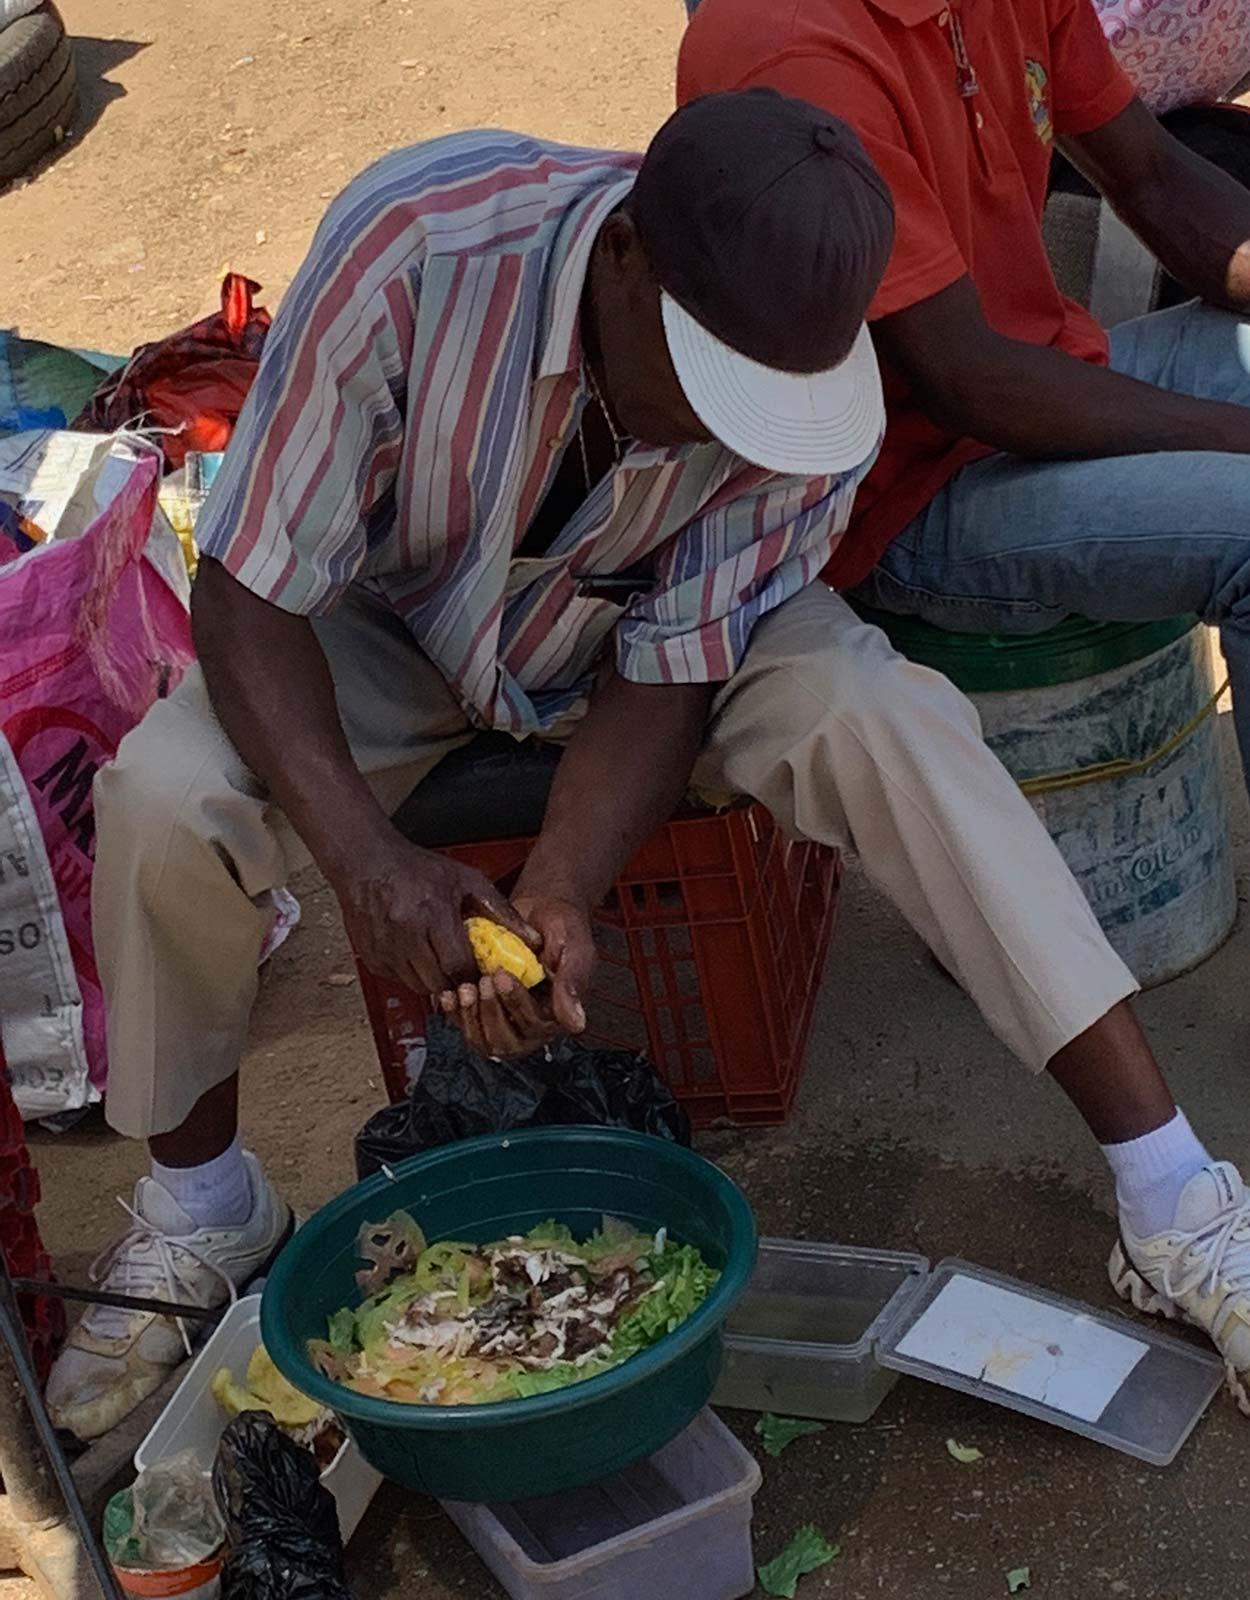 Local vendor in Manzini, Eswatini. The £4 bus that cost me £700